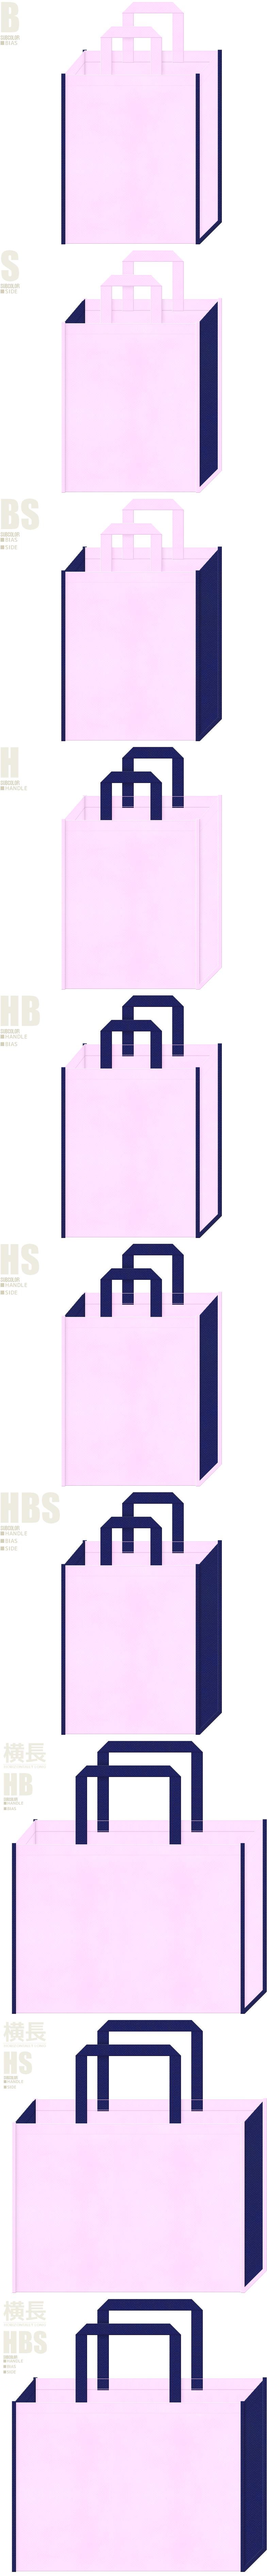 学校・オープンキャンパス用バッグにお奨めの、明るめのピンク色と明るめの紺色、7パターンの不織布トートバッグ配色デザイン例。